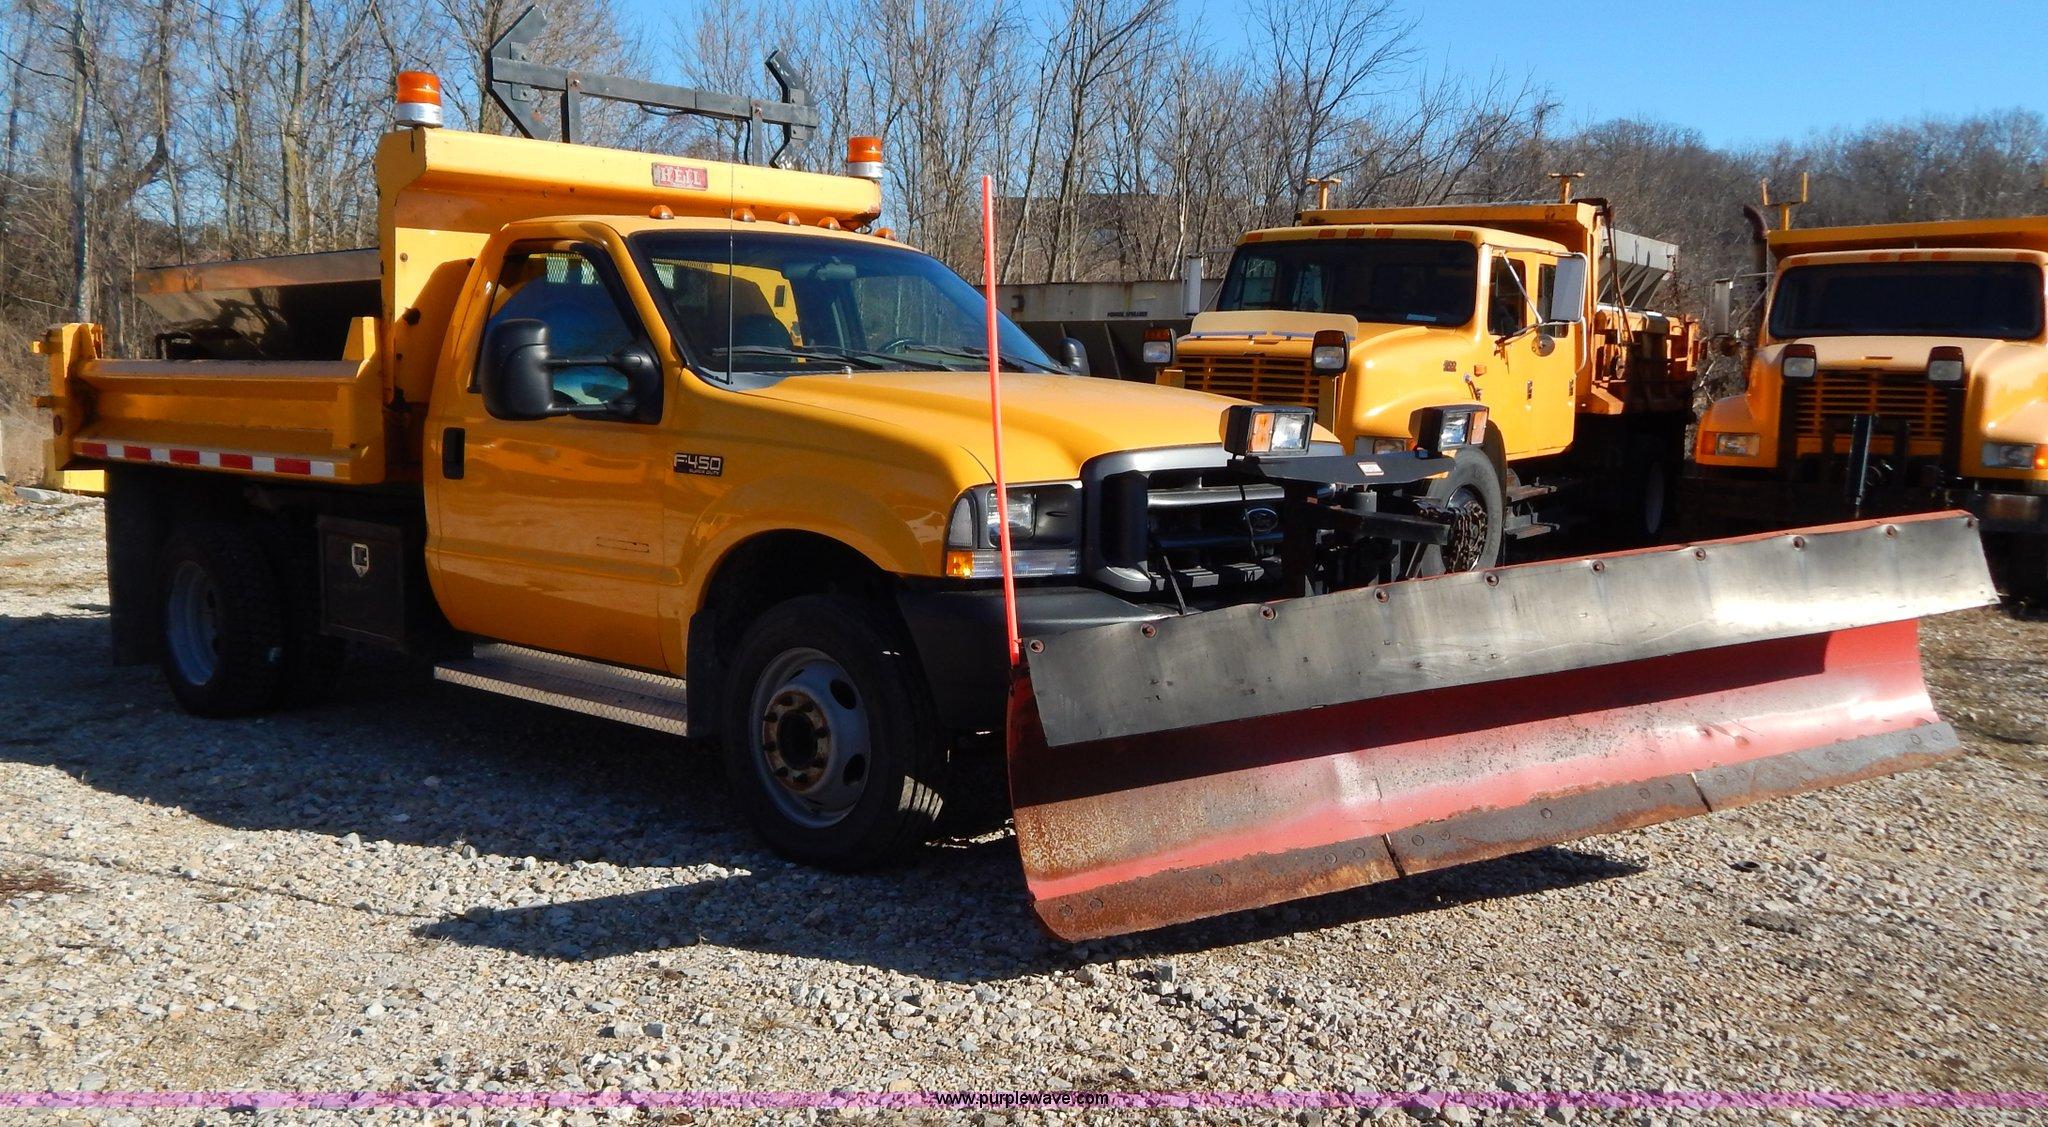 2002 ford f450 super duty snow plow truck item h3806 sol